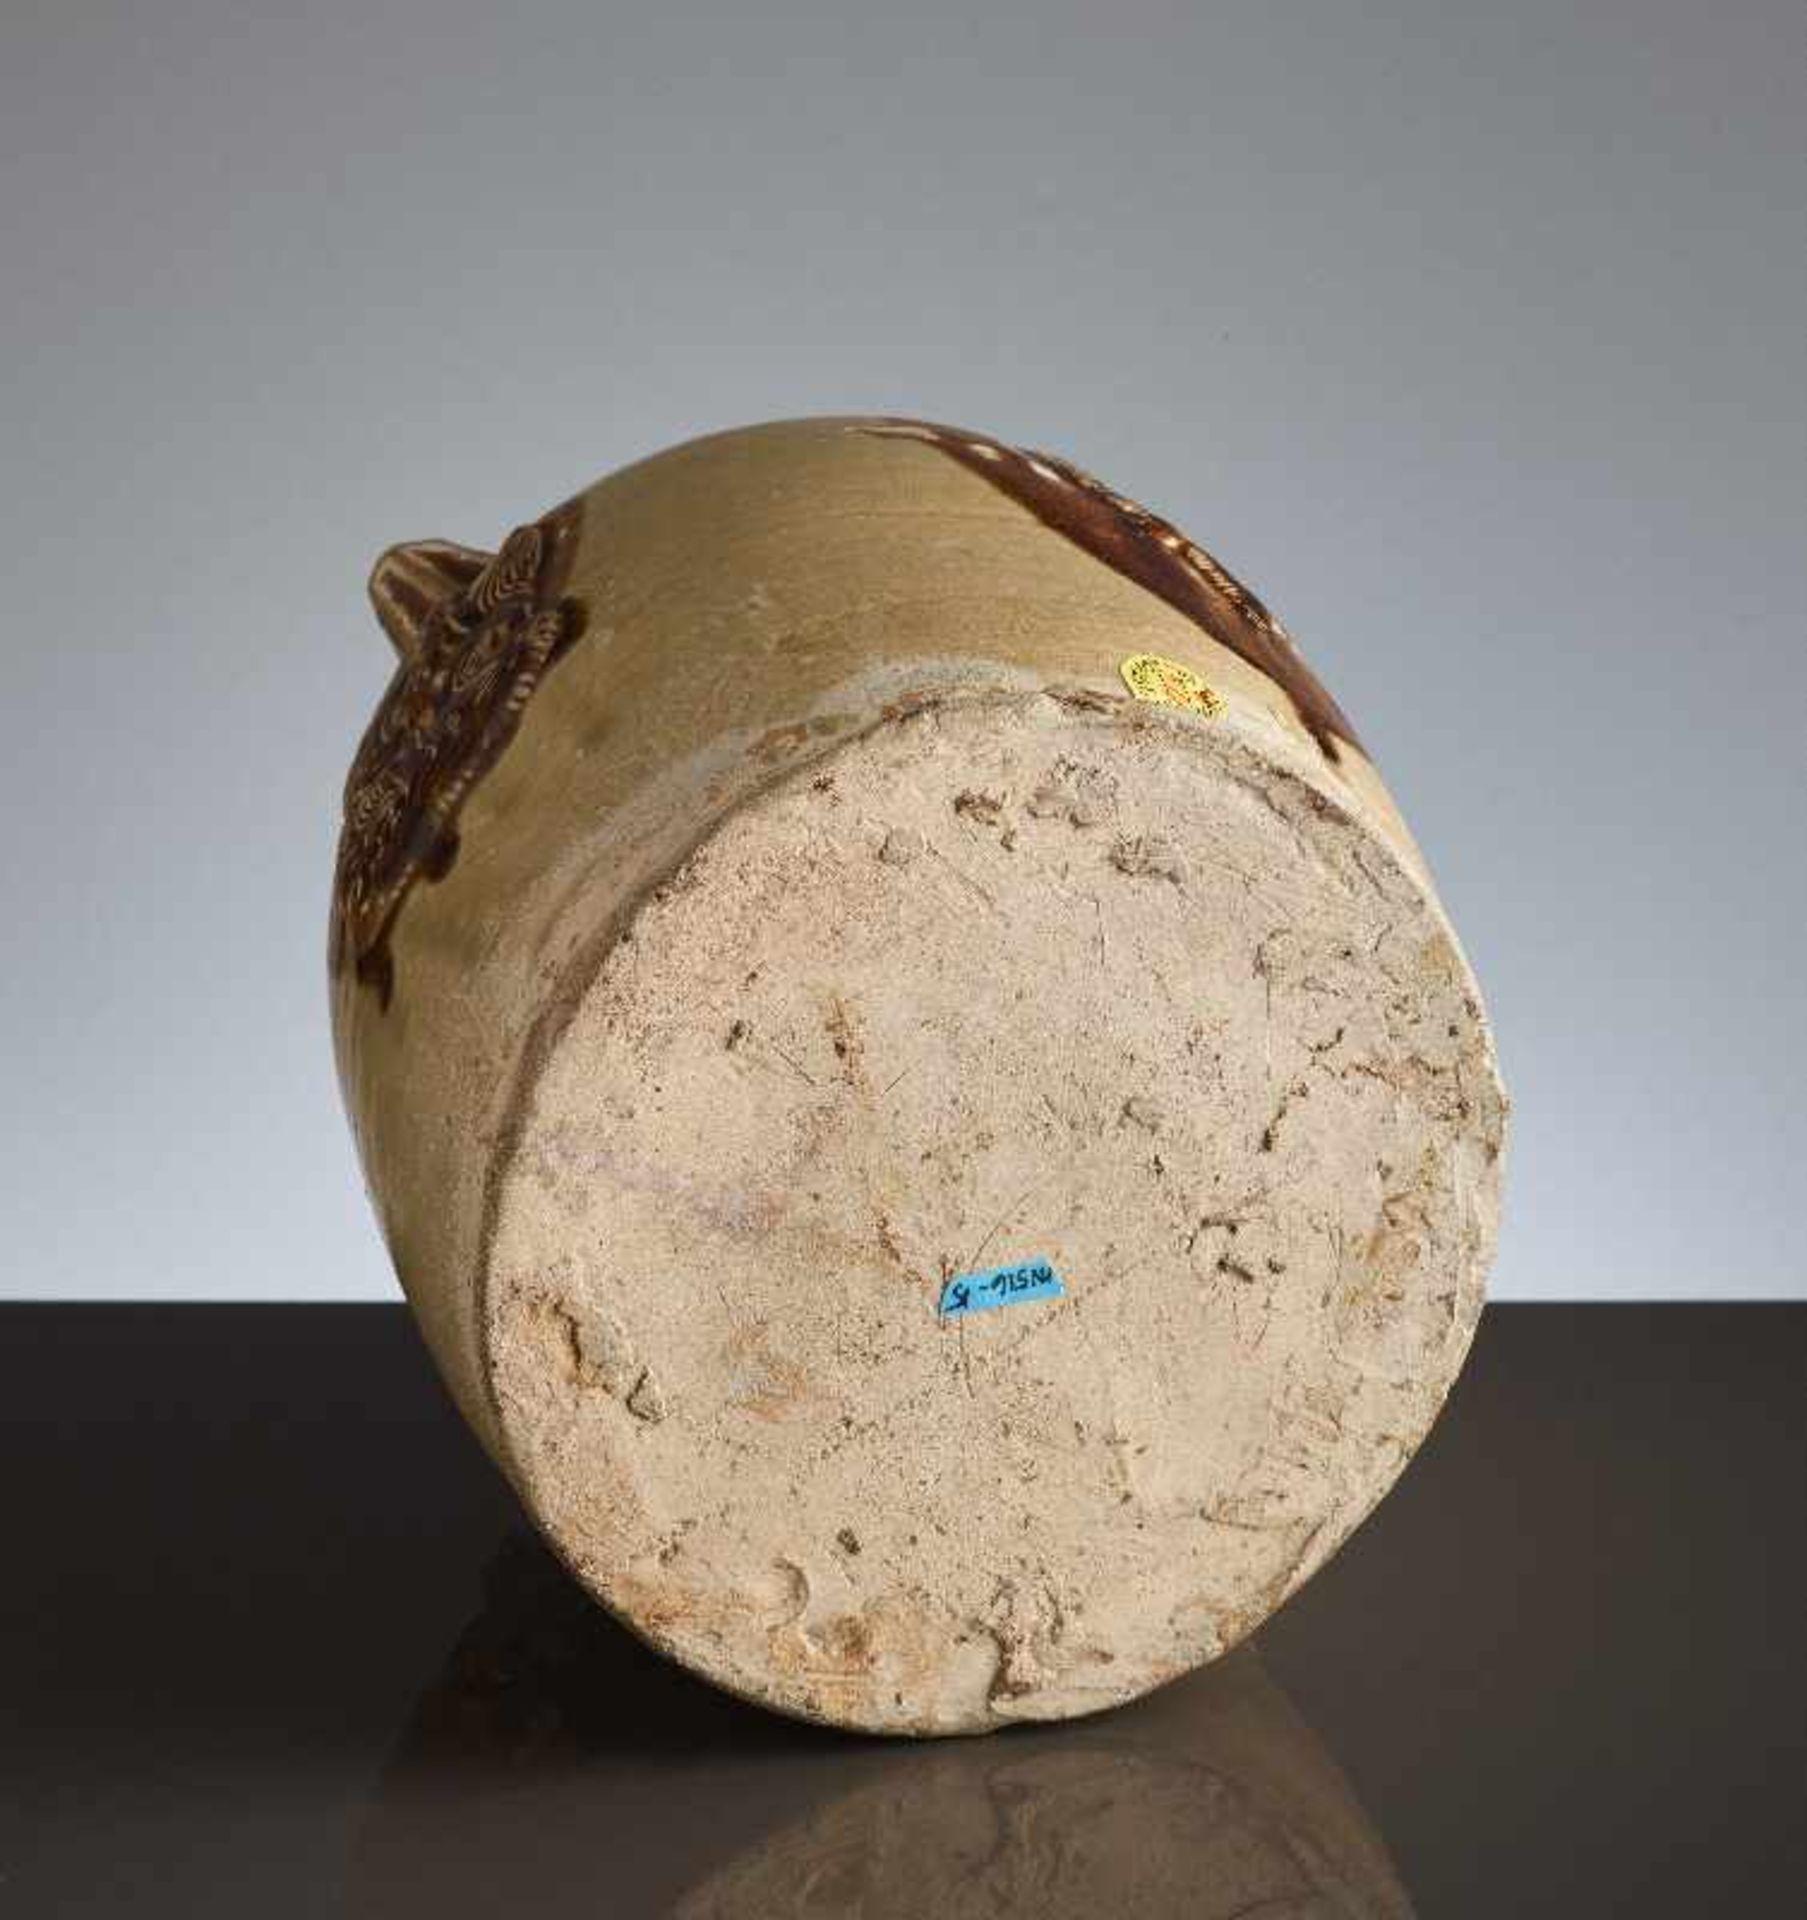 HENKELKANNE MIT RELIEFDEKORGlasierte Keramik. China, Tang, ca. 8. bis 9. Jh. Typische Changsha- - Image 6 of 8